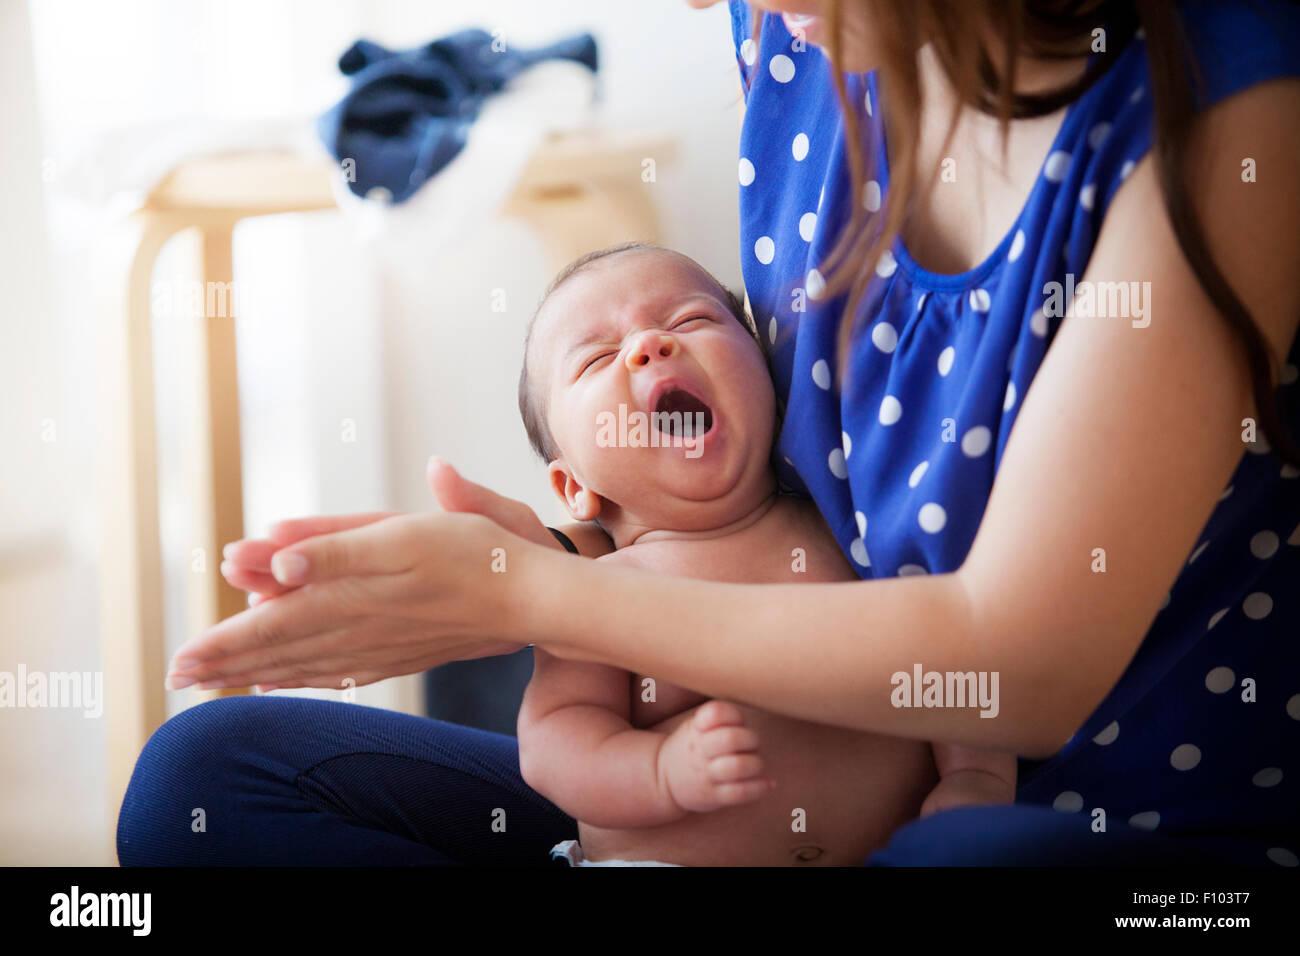 Massée infantile Photo Stock